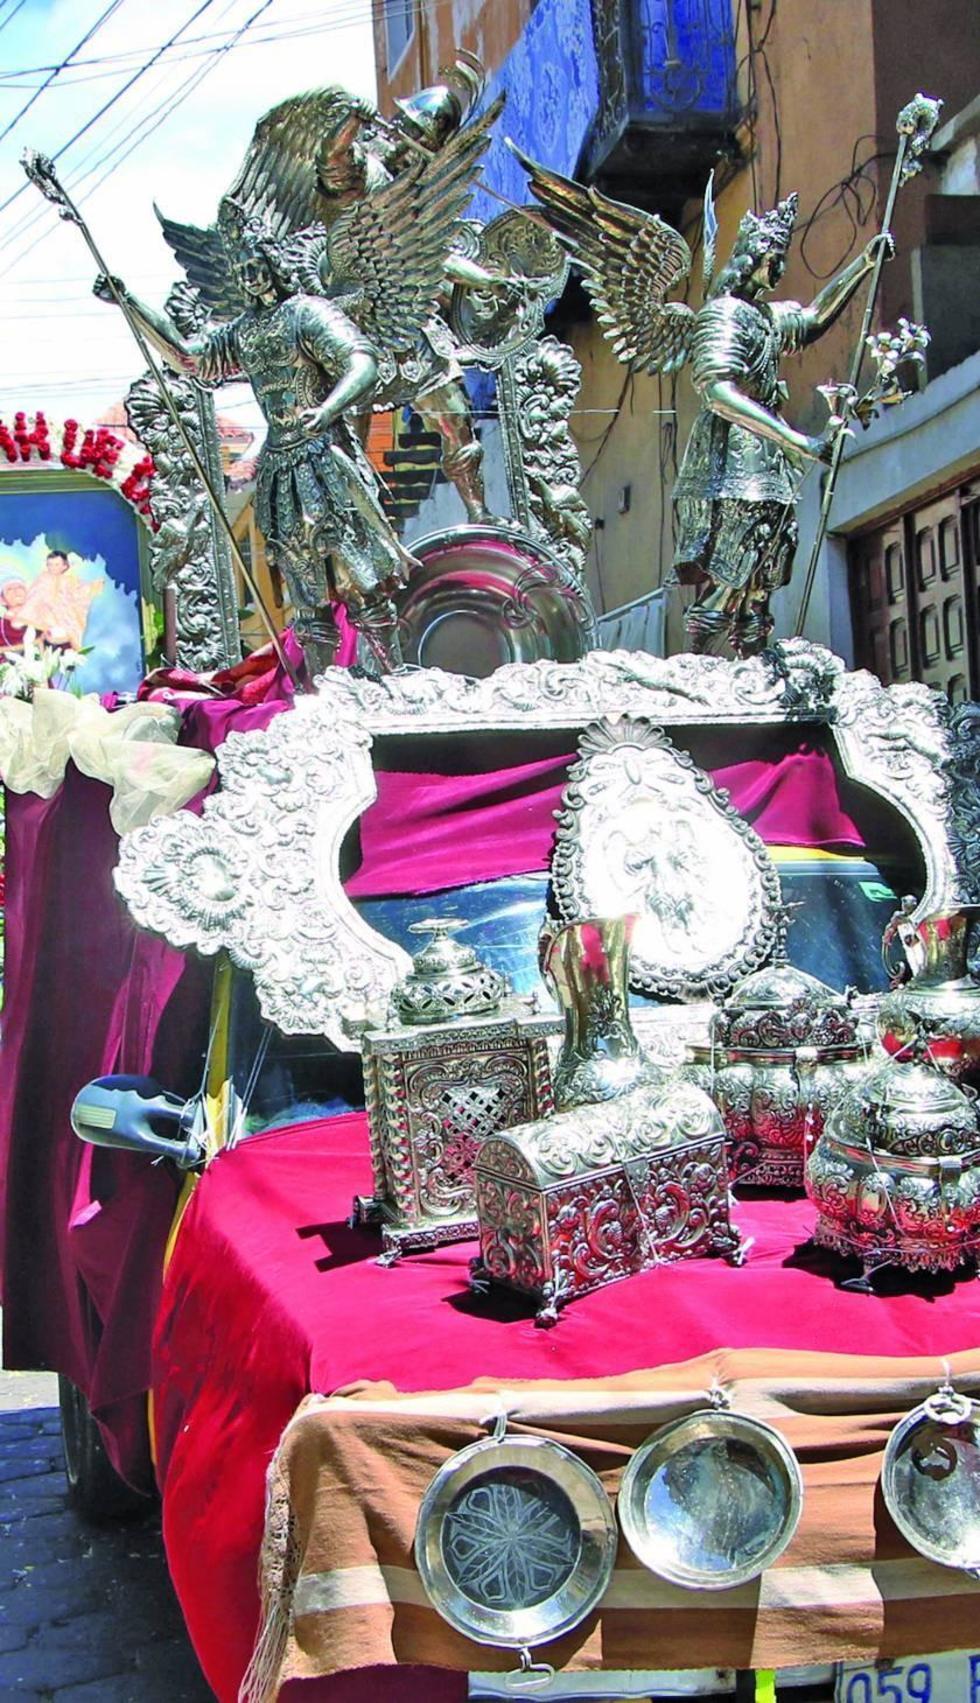 Los bellos objetos de plata.